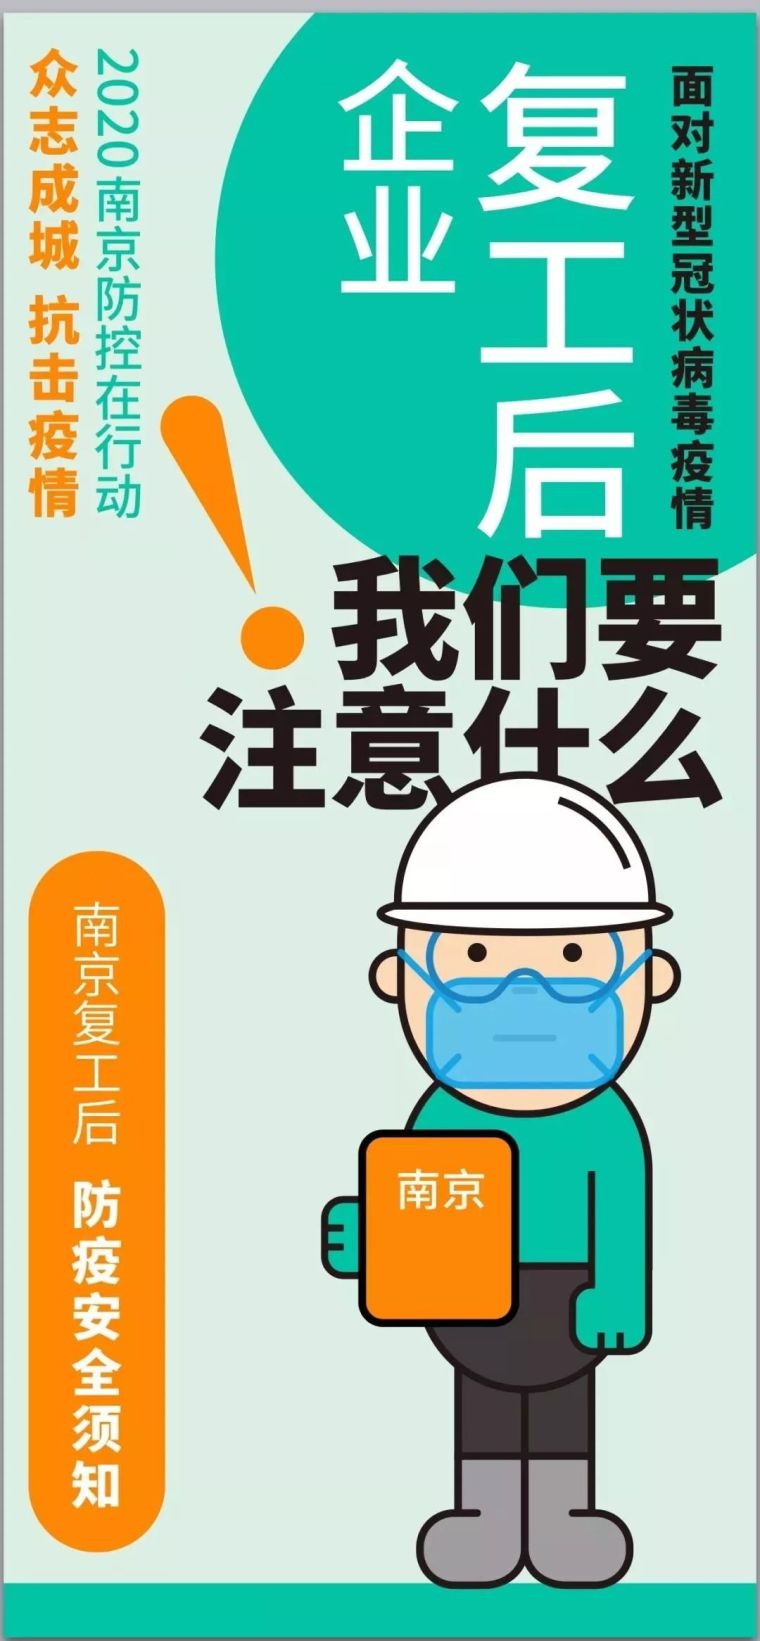 企业复工,防疫安全须知(图解)_6